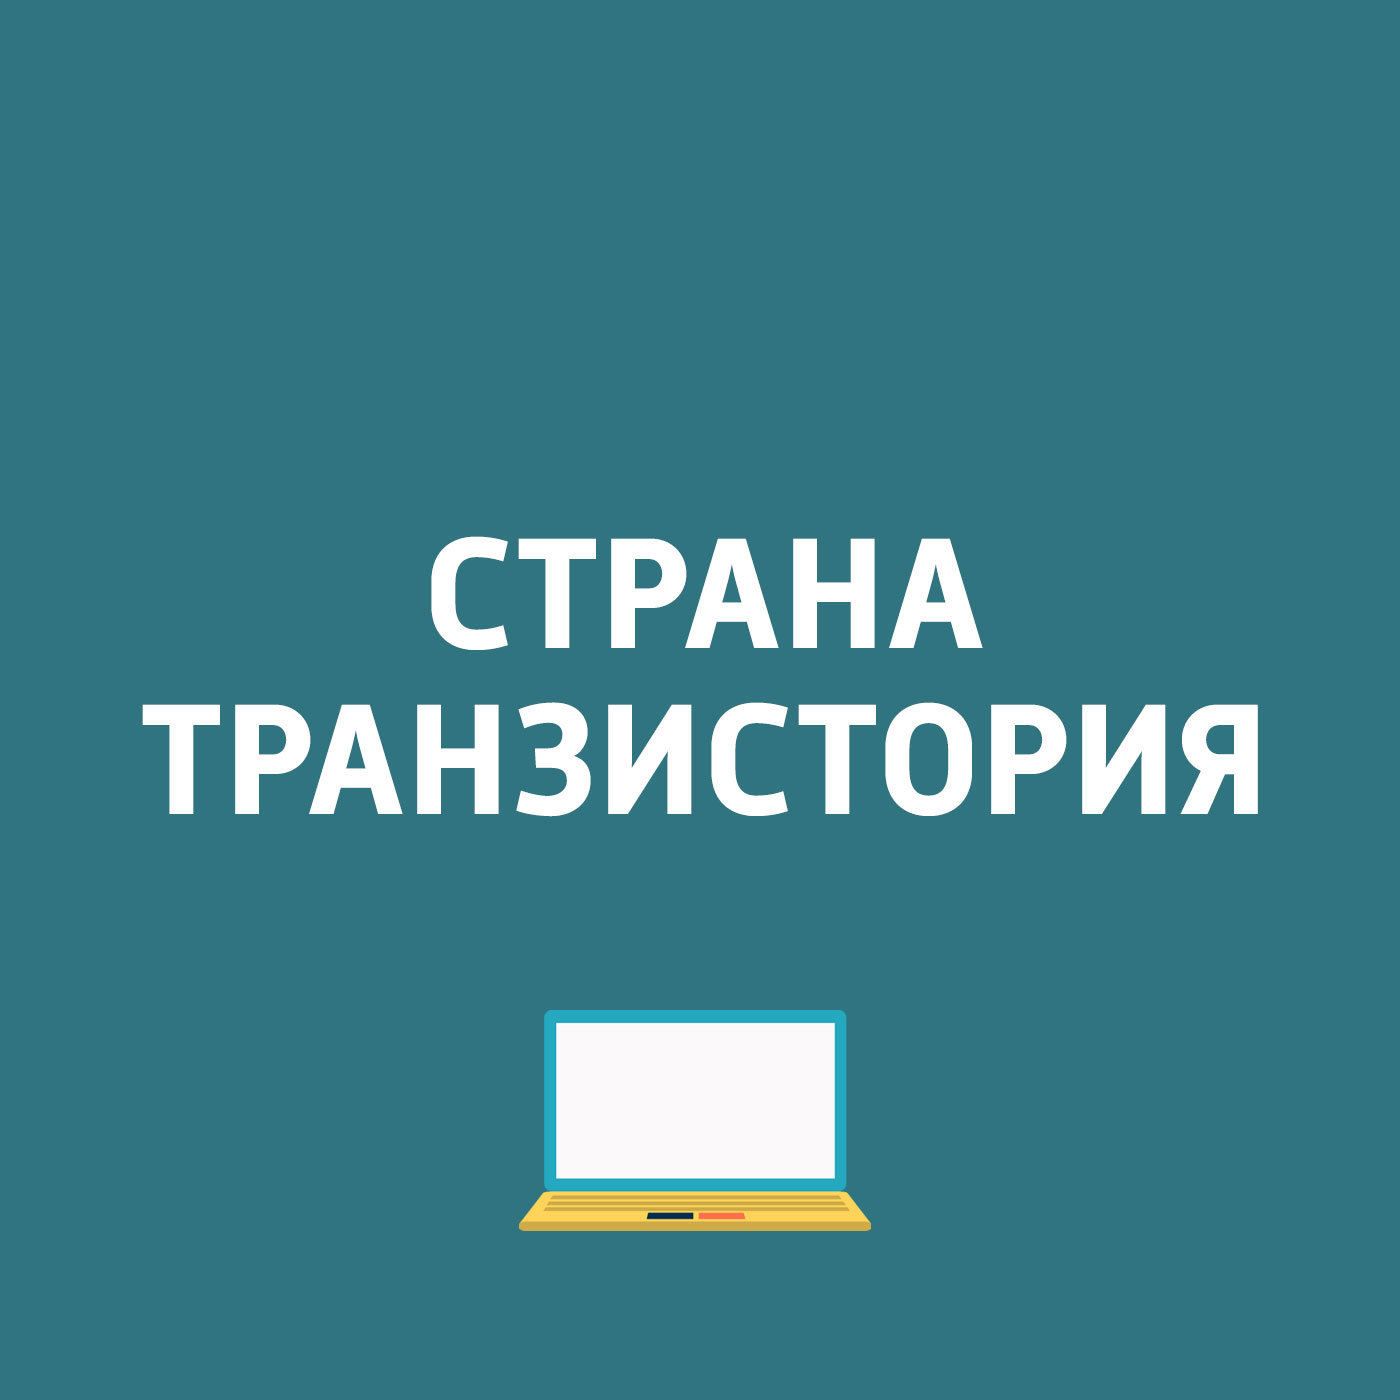 Картаев Павел Надоедливое Prisma; Цукерберг заклеивает веб-камеру; «Твиттер увеличил видео... веб камеру для скайпа